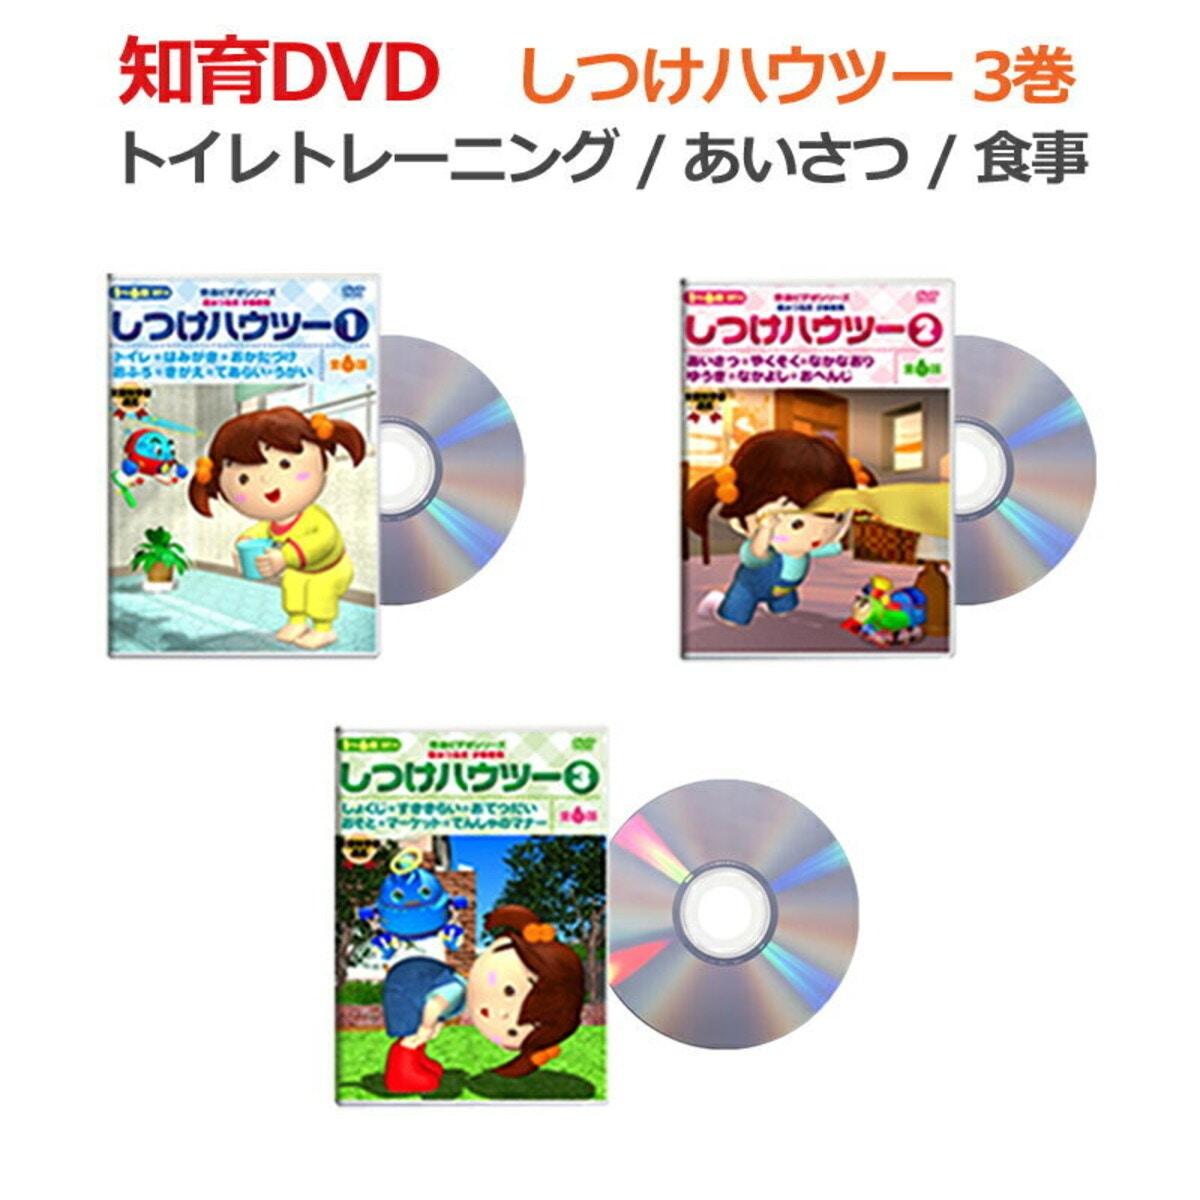 しつけハウツー DVD3巻